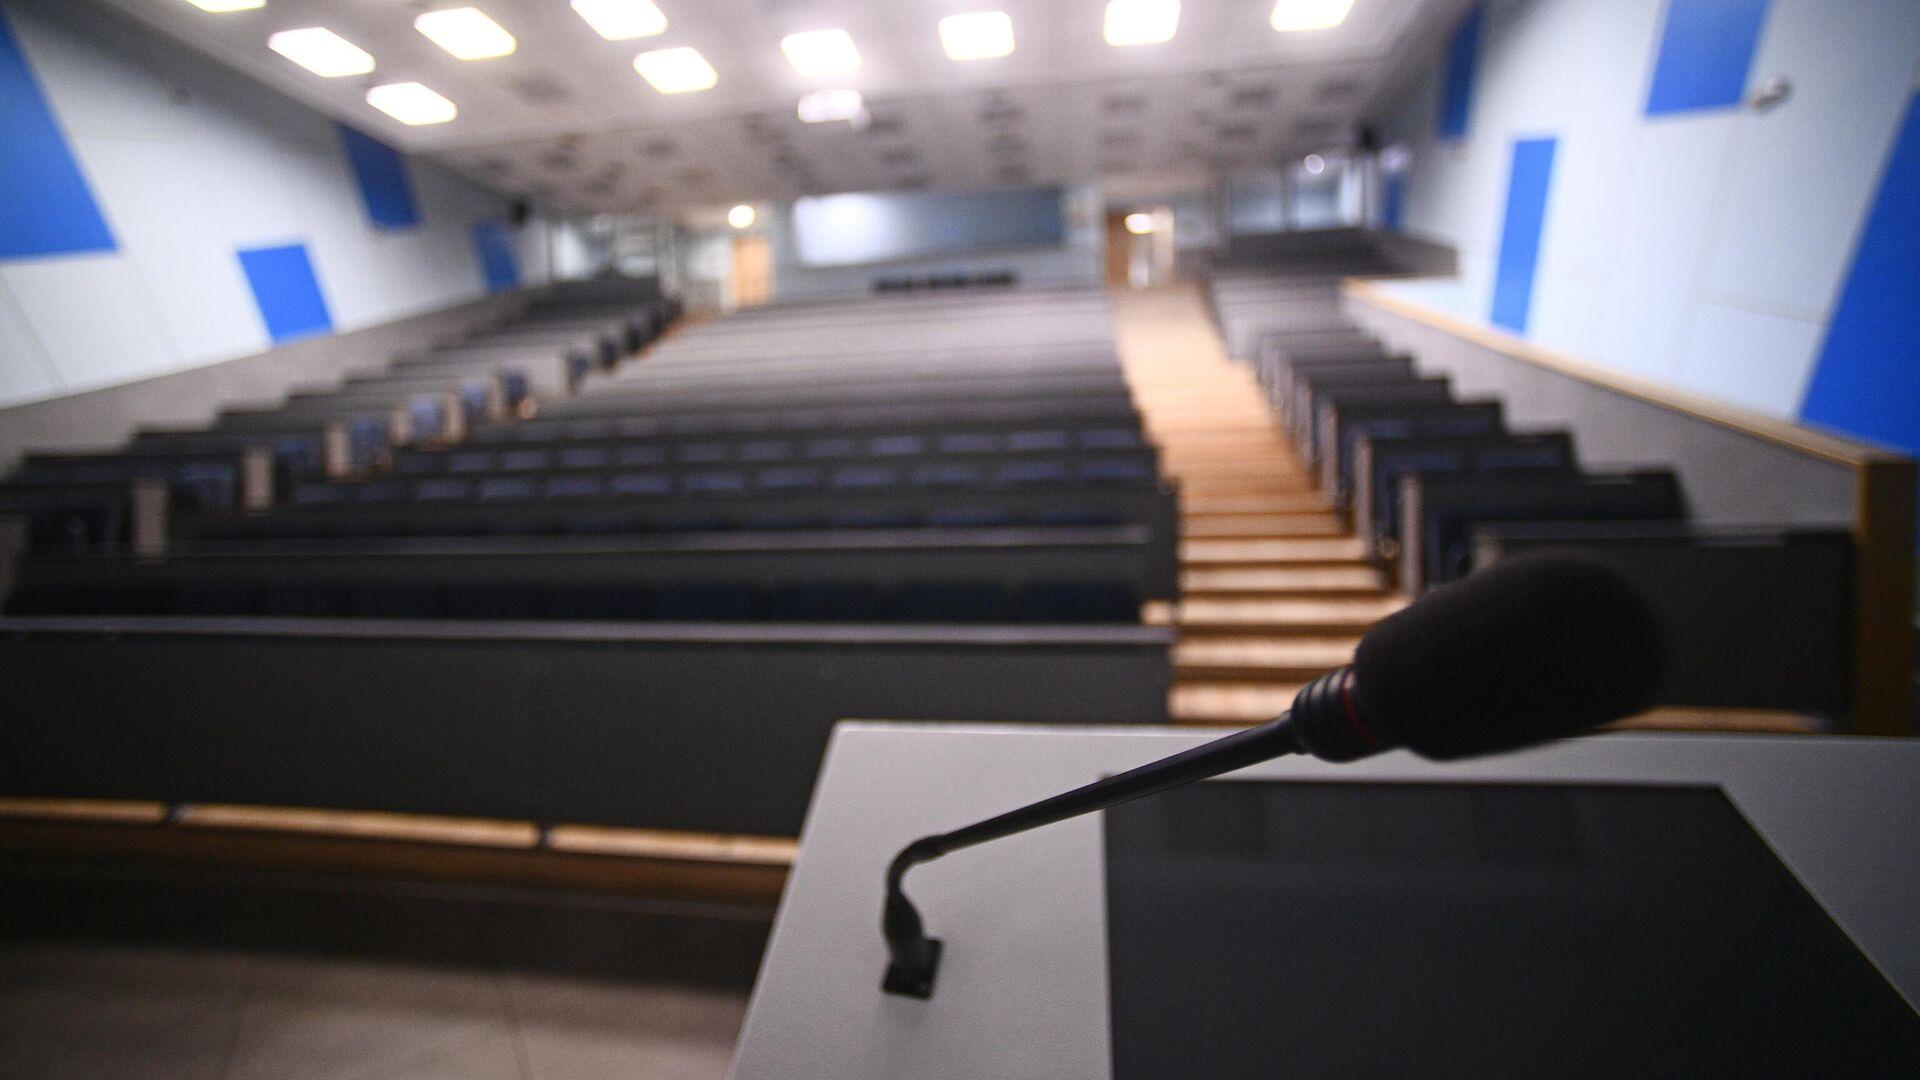 Пустая аудитория Национального исследовательского технологического университета МИСиС - РИА Новости, 1920, 28.10.2020